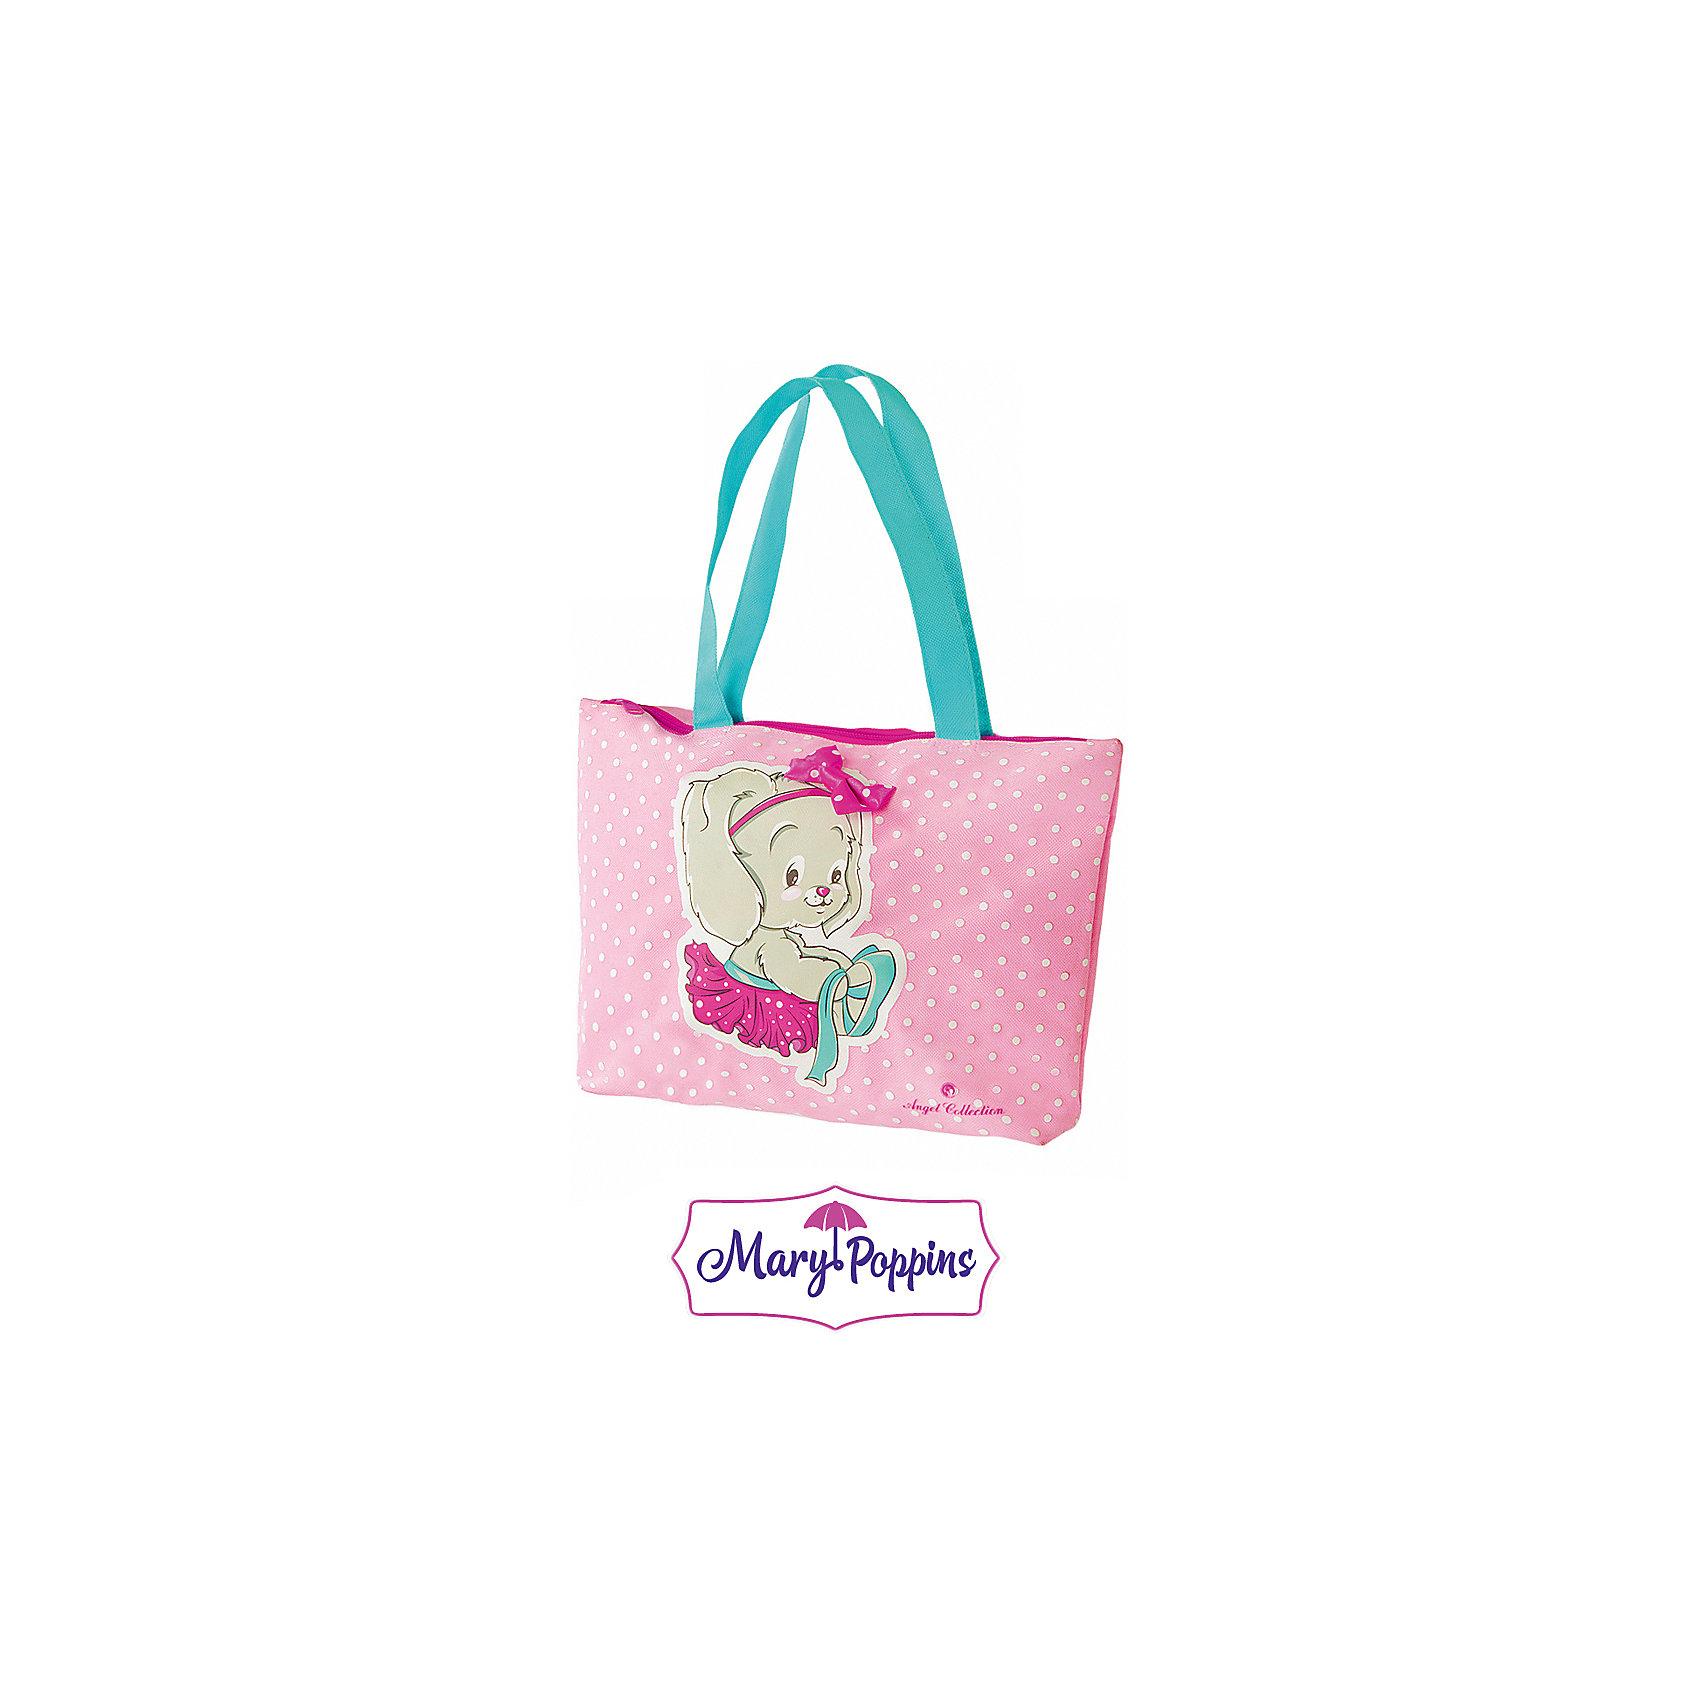 Сумка Зайка 33*8*23 см.Детские сумки<br>Зайка от компании Mary Poppins - это симпатичная детская сумка, которая представлена в розовой расцветке. Данная модель очень удобна, так как у нее всего одно основное отделение, куда девочка сможет складывать все необходимые вещи или предметы. Несмотря на довольно малый внешний вид, представленная сумка достаточно вместительная.<br><br>Ширина мм: 330<br>Глубина мм: 230<br>Высота мм: 800<br>Вес г: 78<br>Возраст от месяцев: 36<br>Возраст до месяцев: 2147483647<br>Пол: Женский<br>Возраст: Детский<br>SKU: 5508550